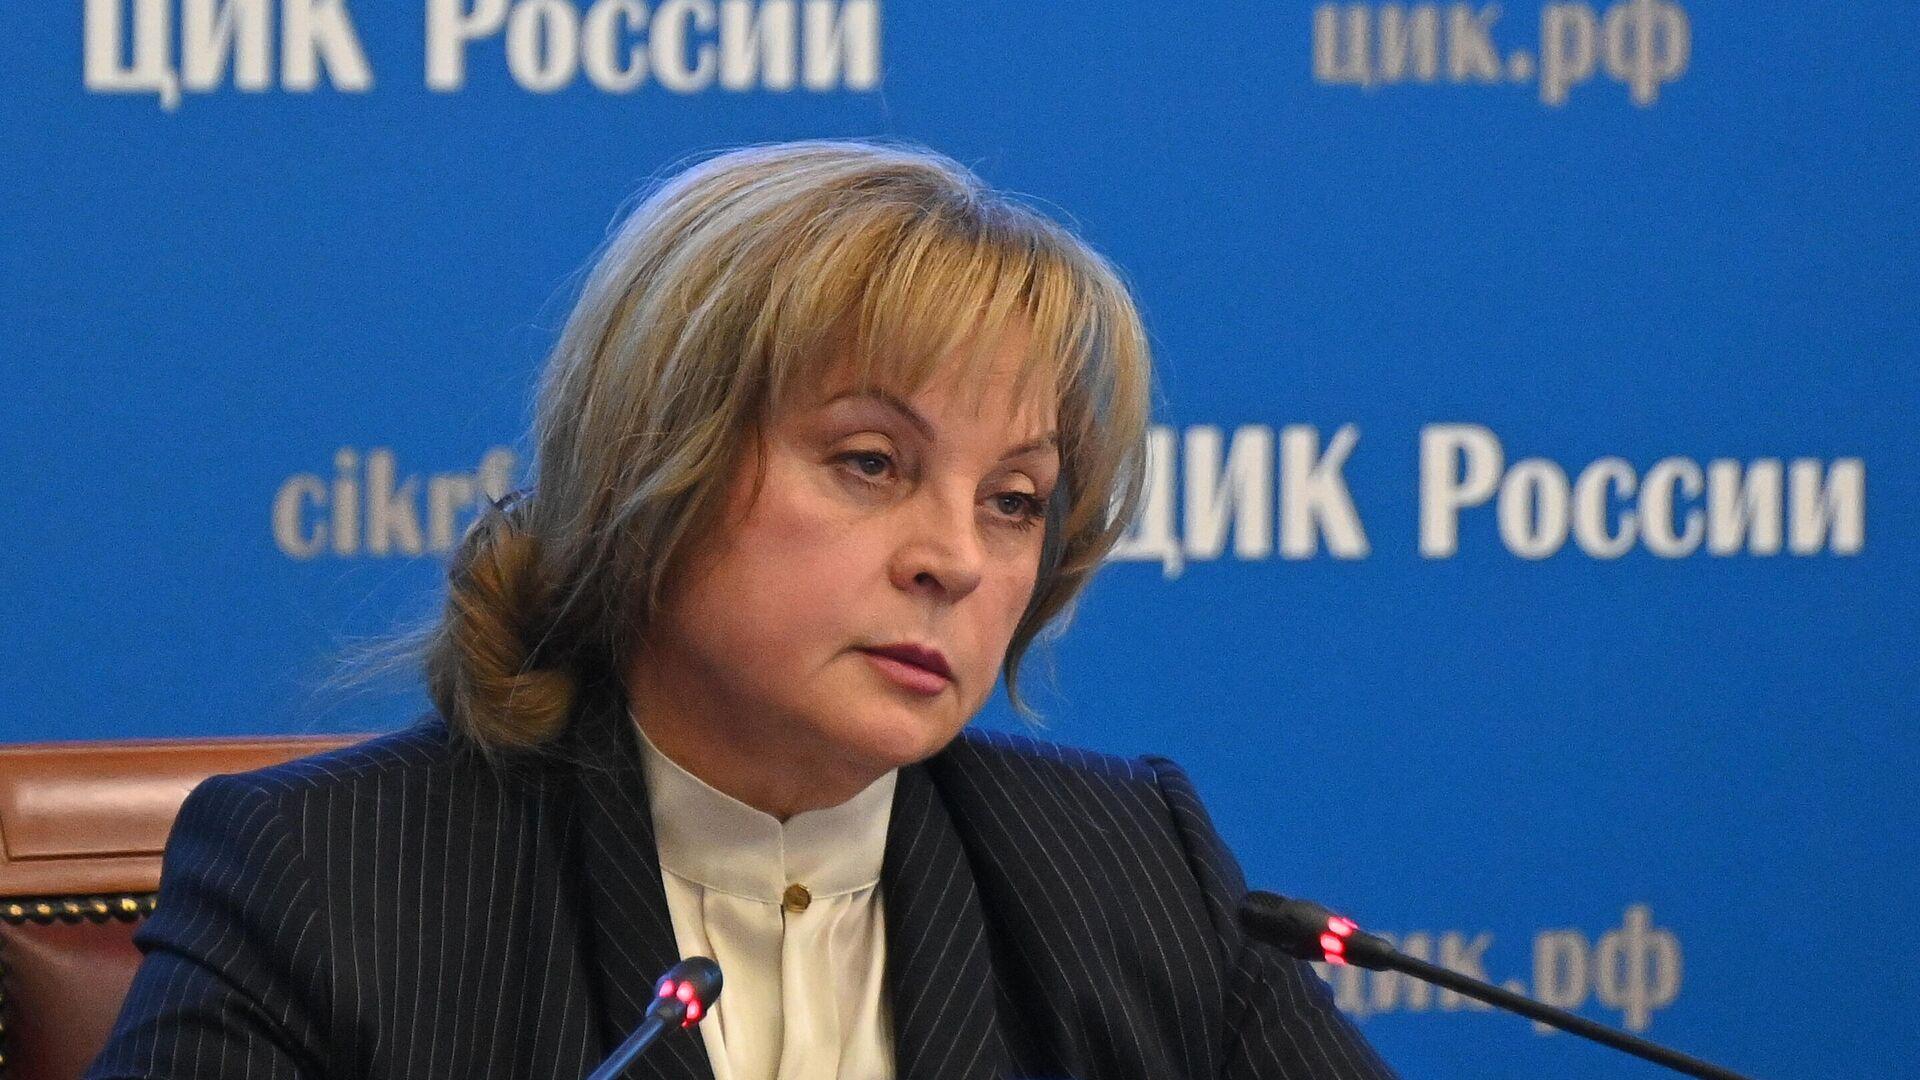 Калининградский избирком проверит информацию о подкупе избирателей